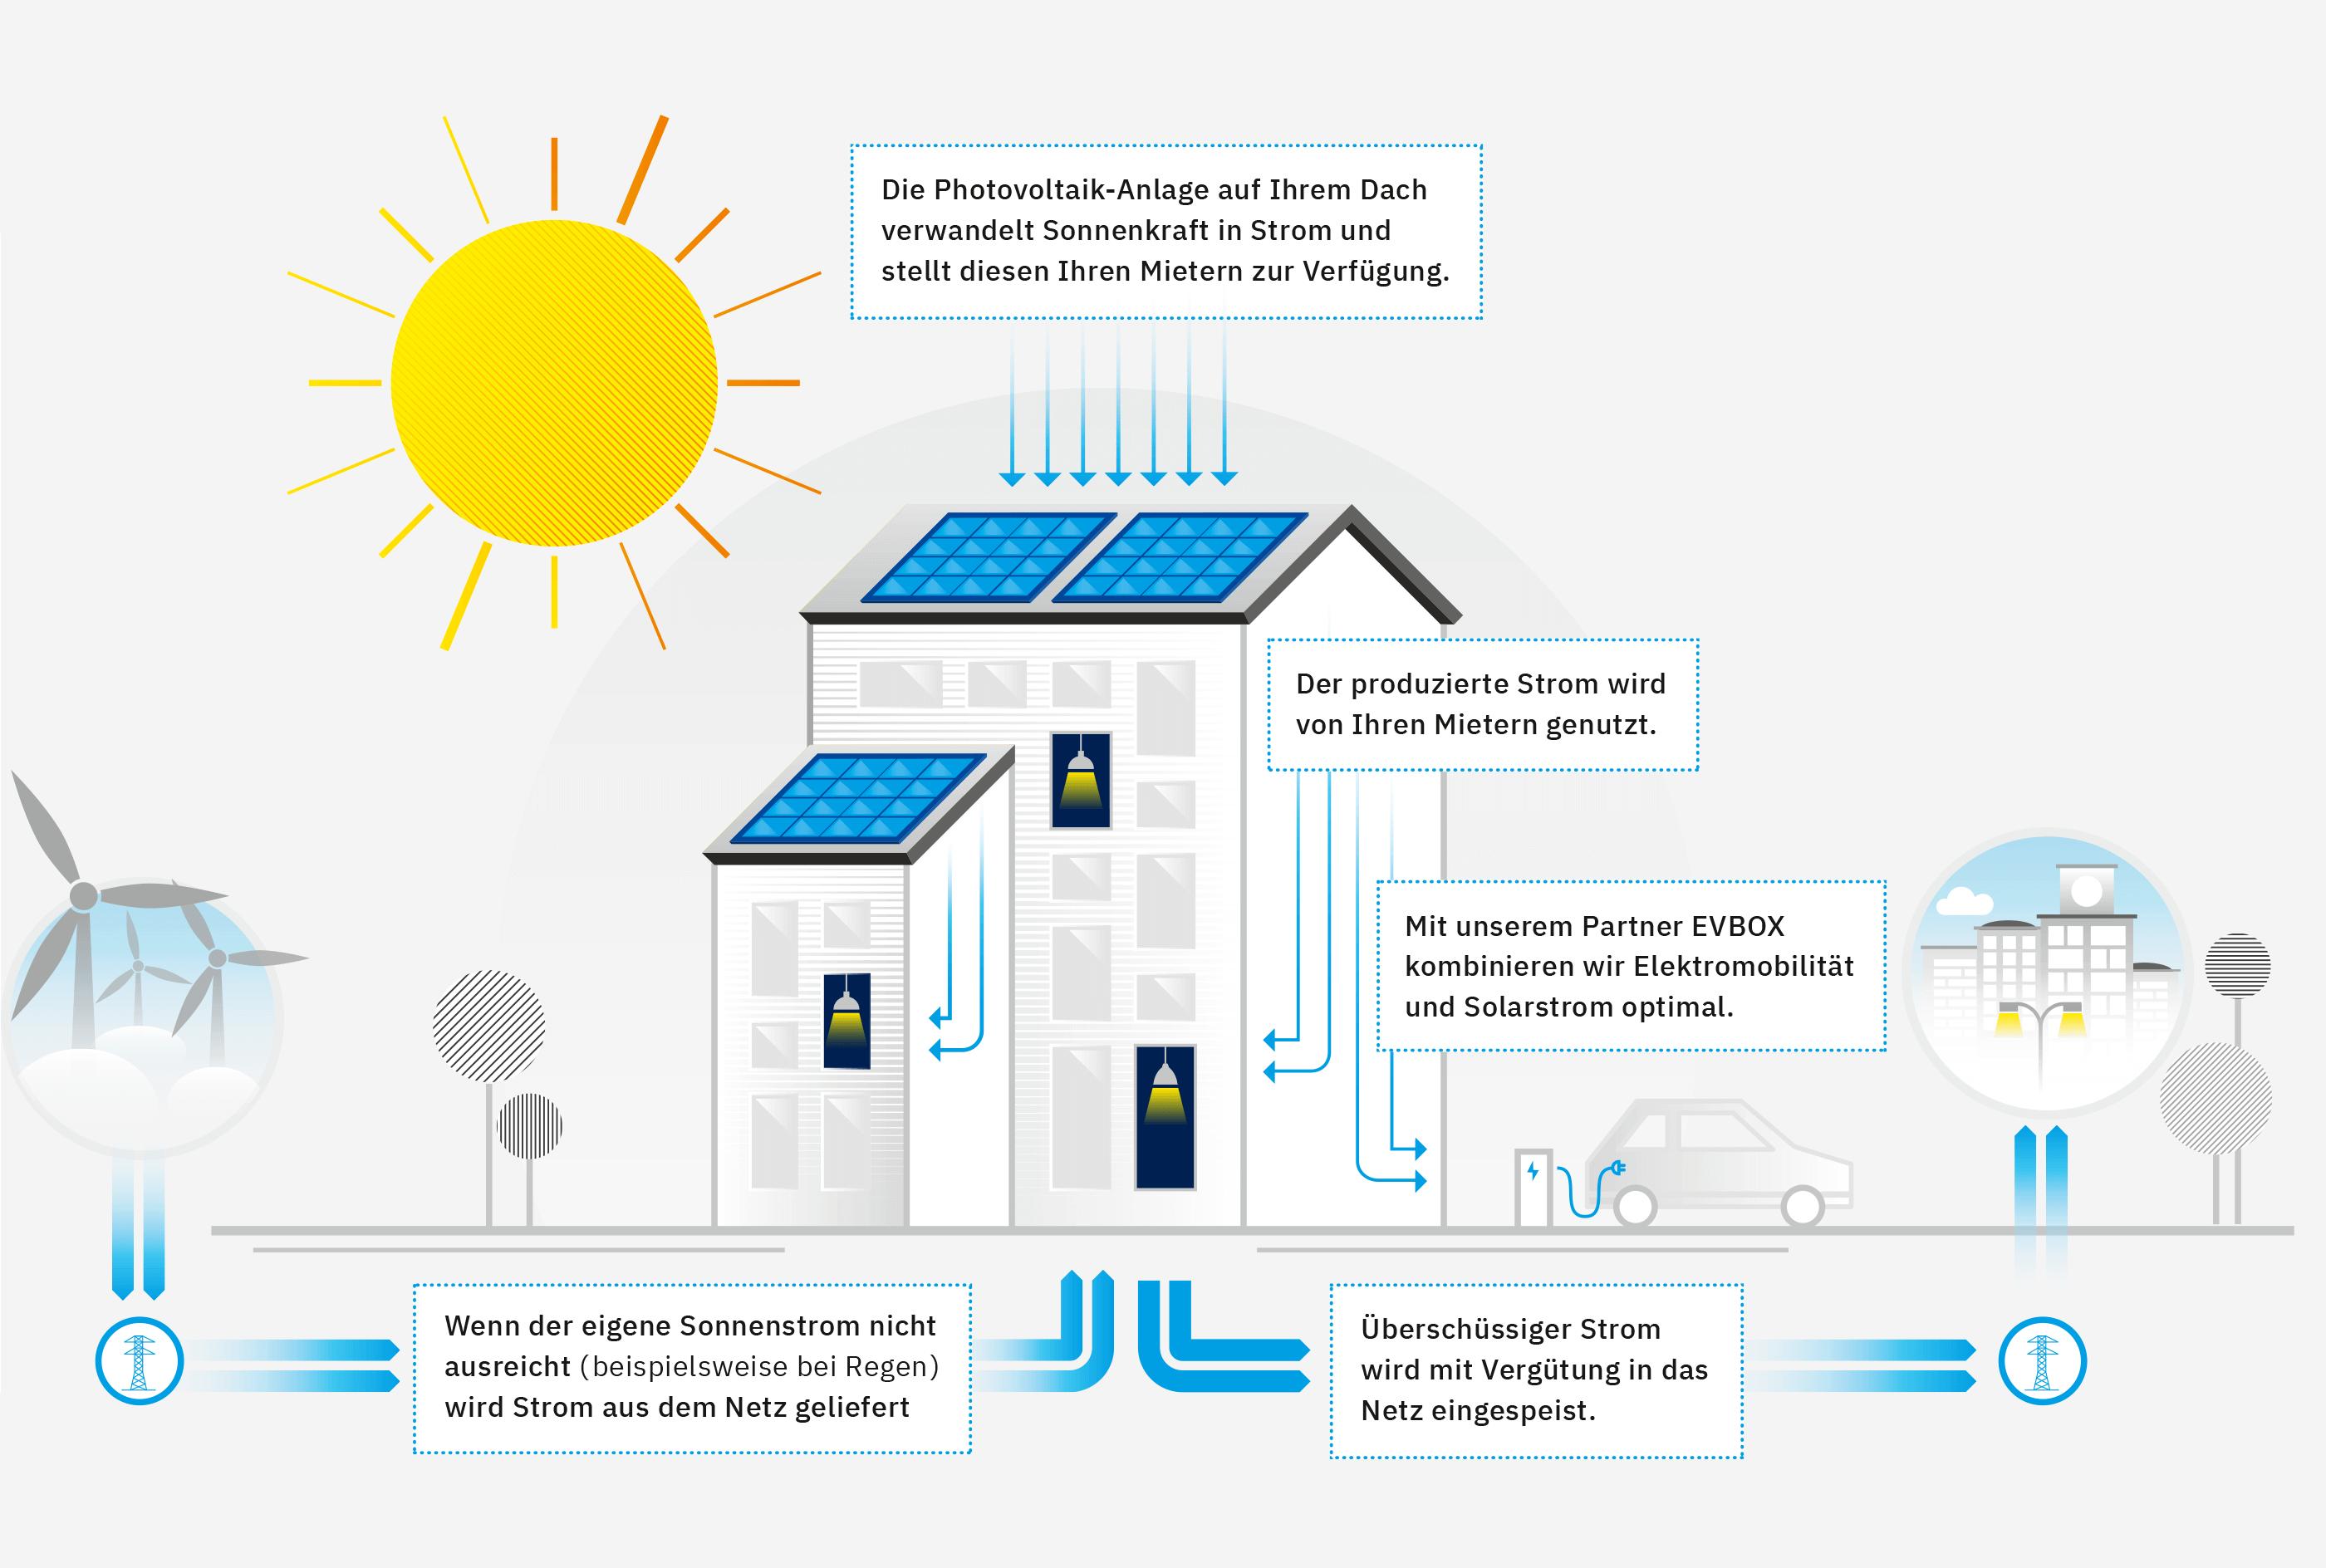 Infografik zur Funktionsweise von Photovoltaik-Anlagen